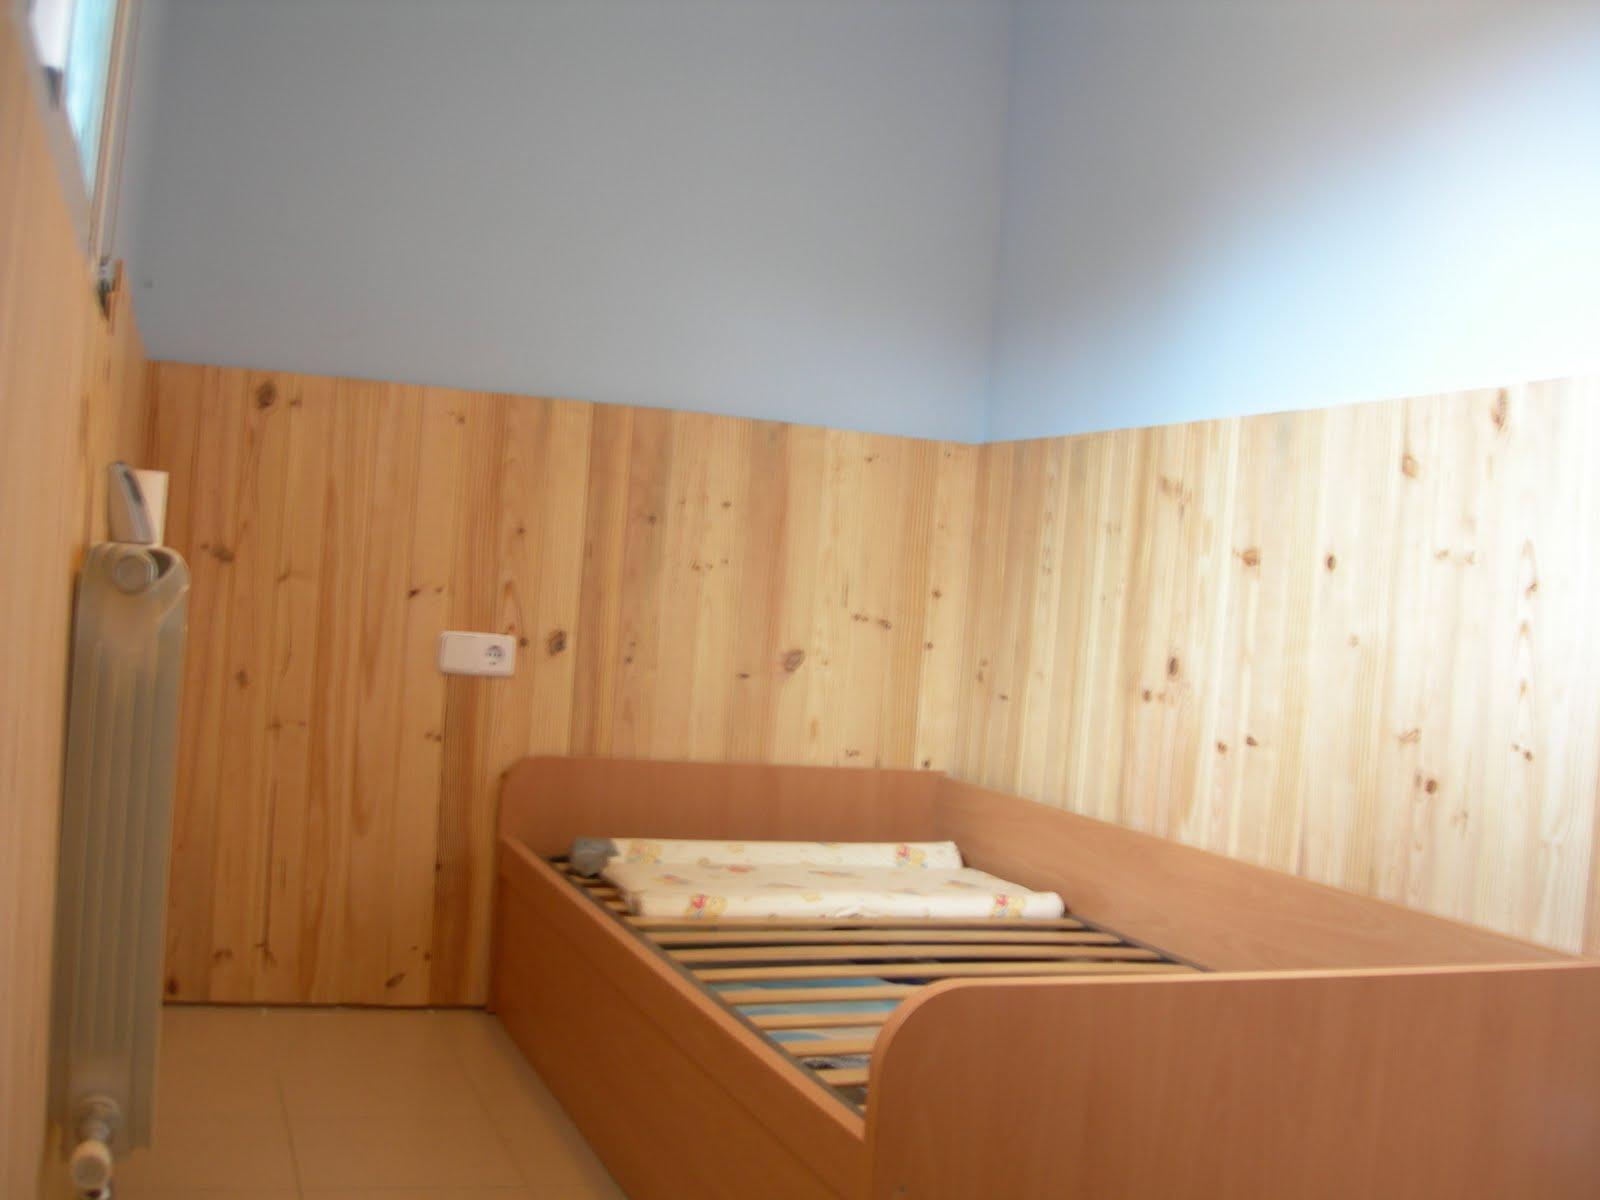 C mo decorar la casa friso de madera - Colocar friso en pared sin rastreles ...